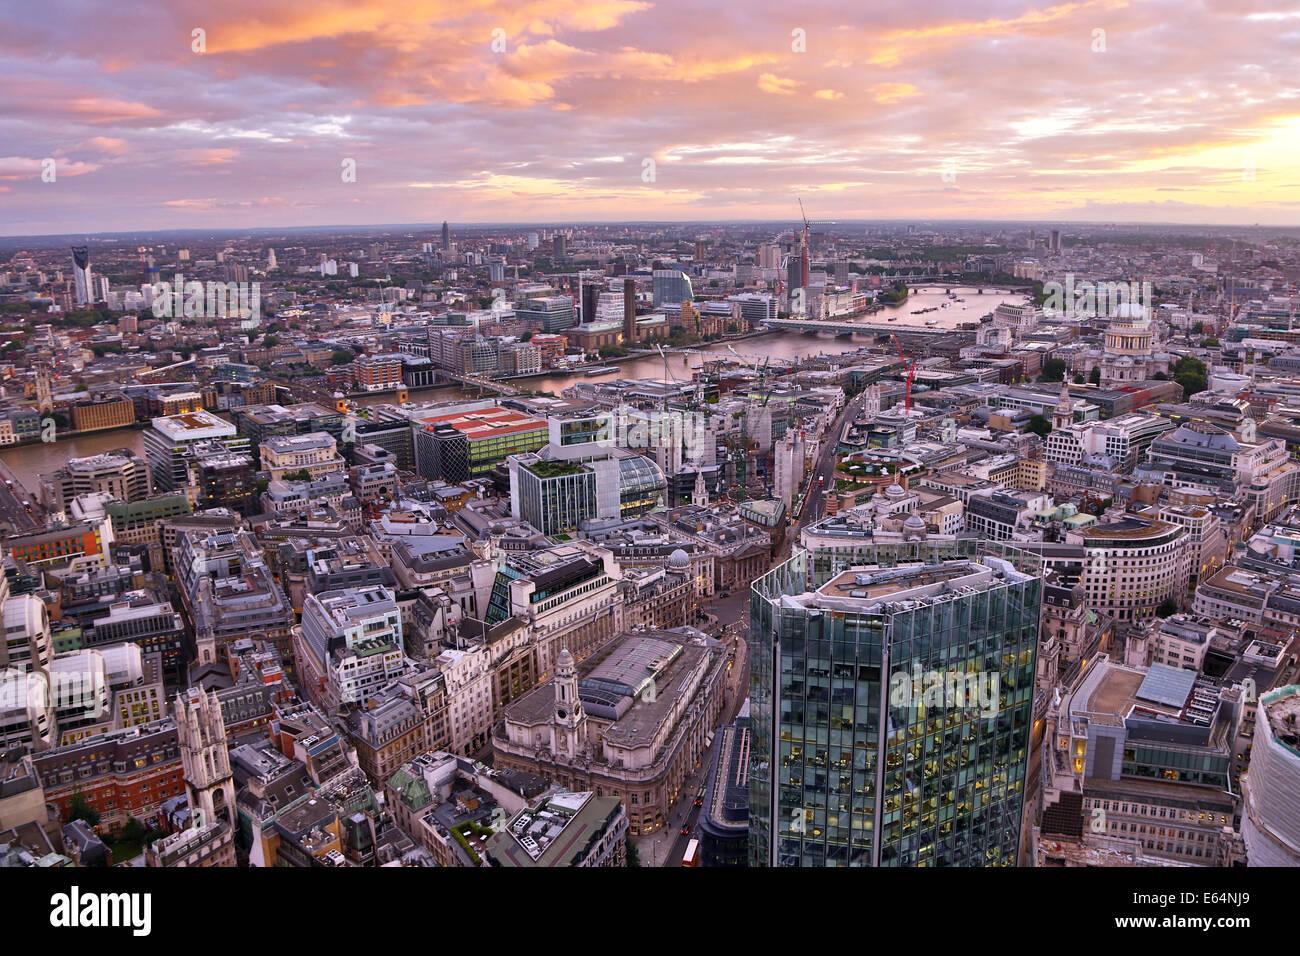 Vista generale degli edifici della città skyline al tramonto a Londra in Inghilterra Immagini Stock